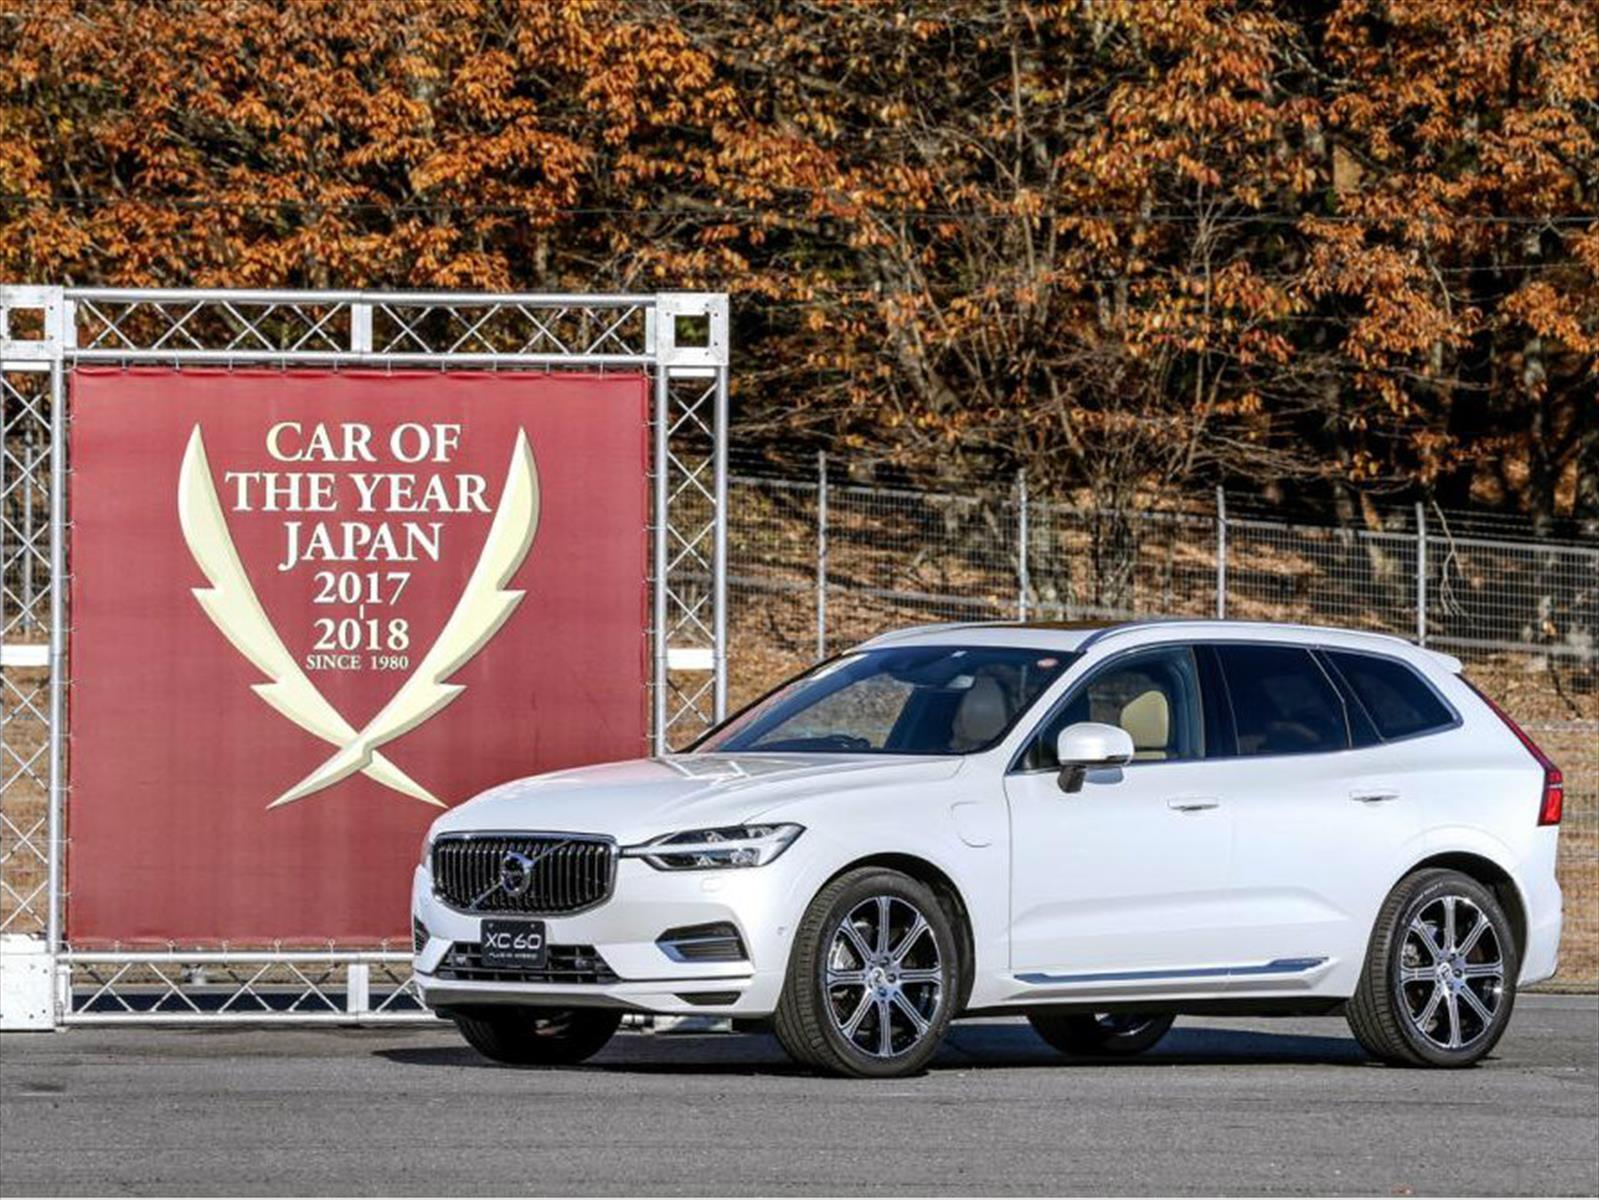 Volvo XC60 es el Car of the Year 2018 en Japón